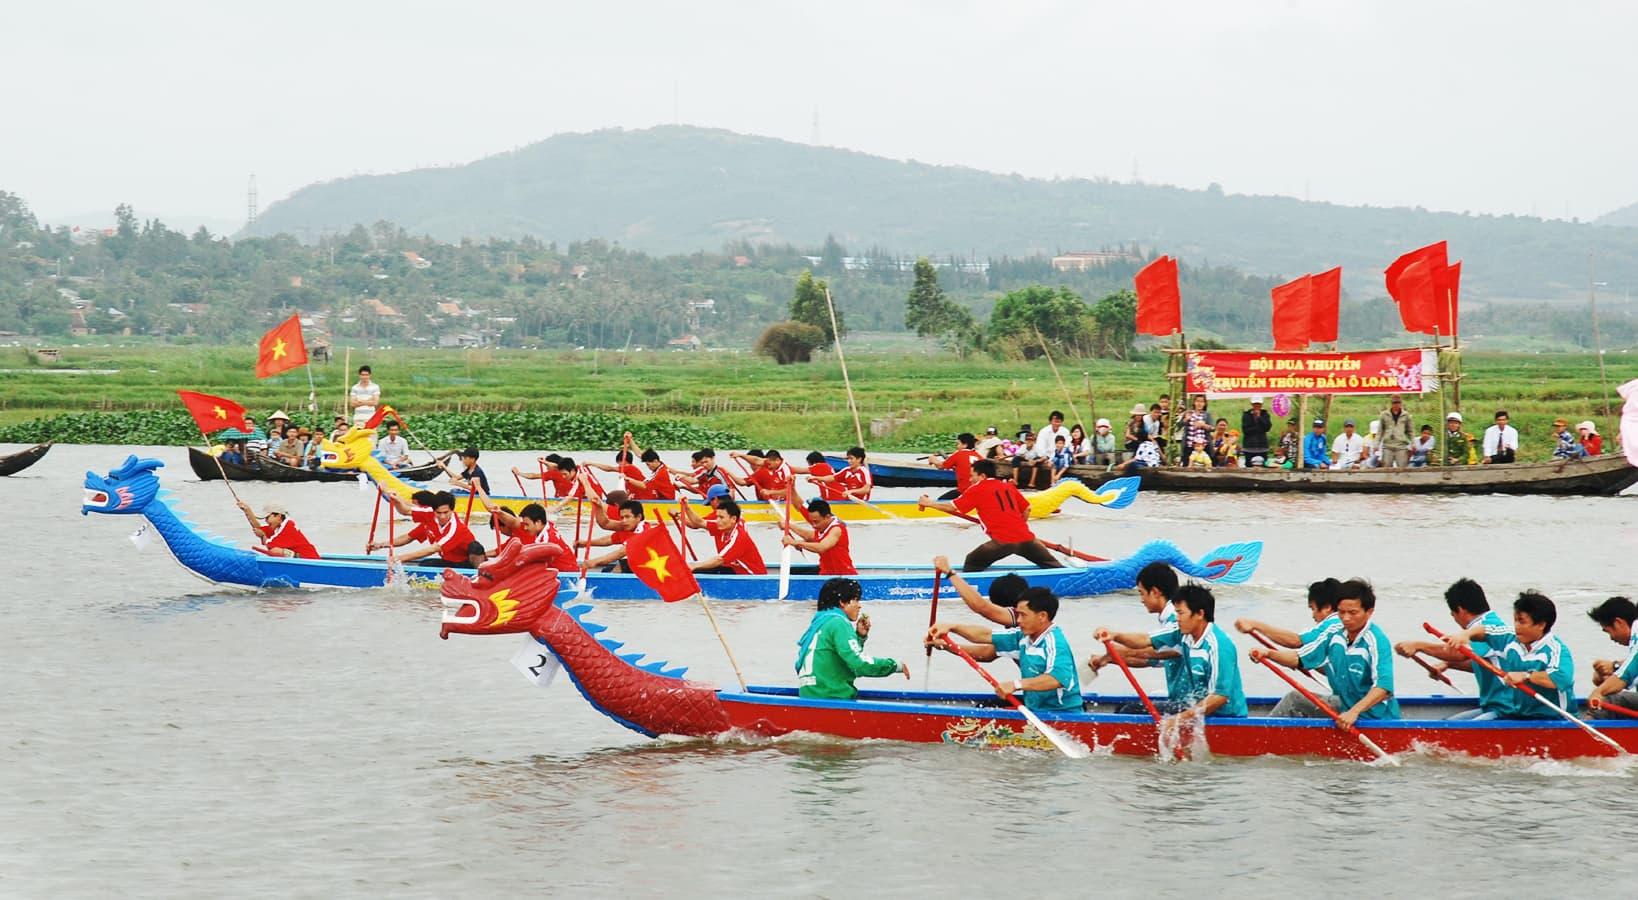 Lễ hội tiêu biểu nổi bật tại Phú Yên thu hút khách du lịch